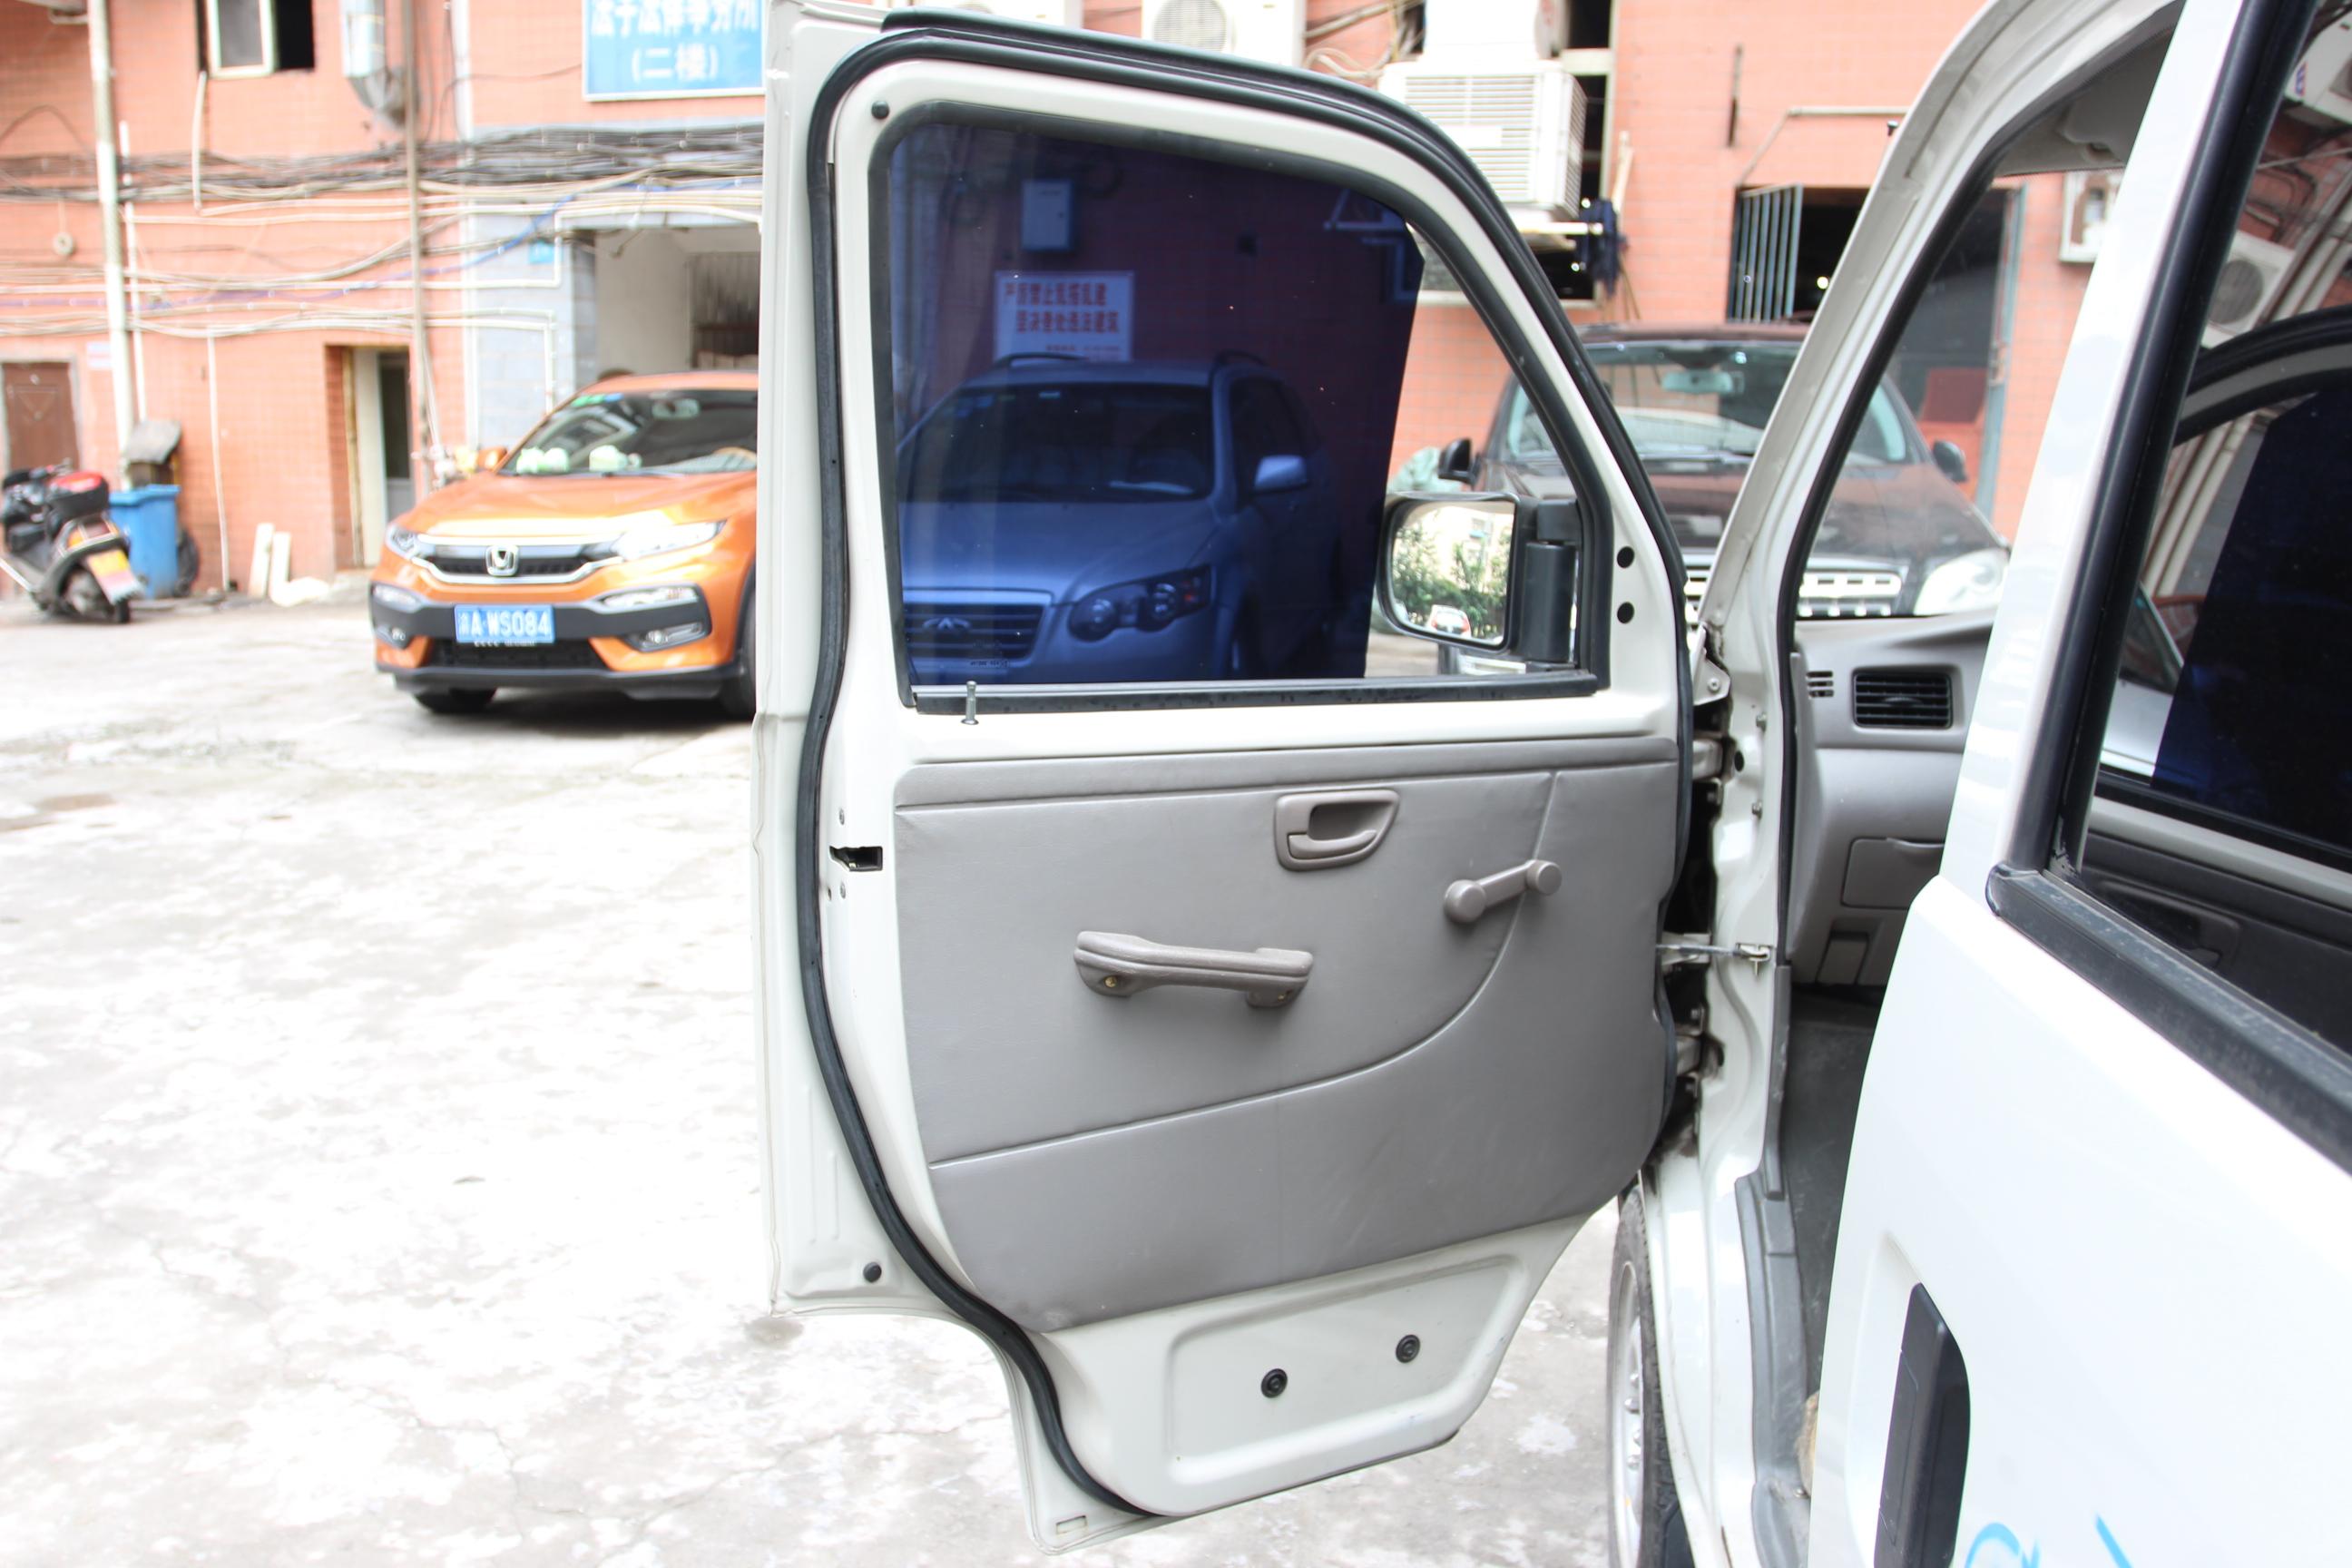 长安商用-长安之星2 2012款 1.0l基本型jl466q9